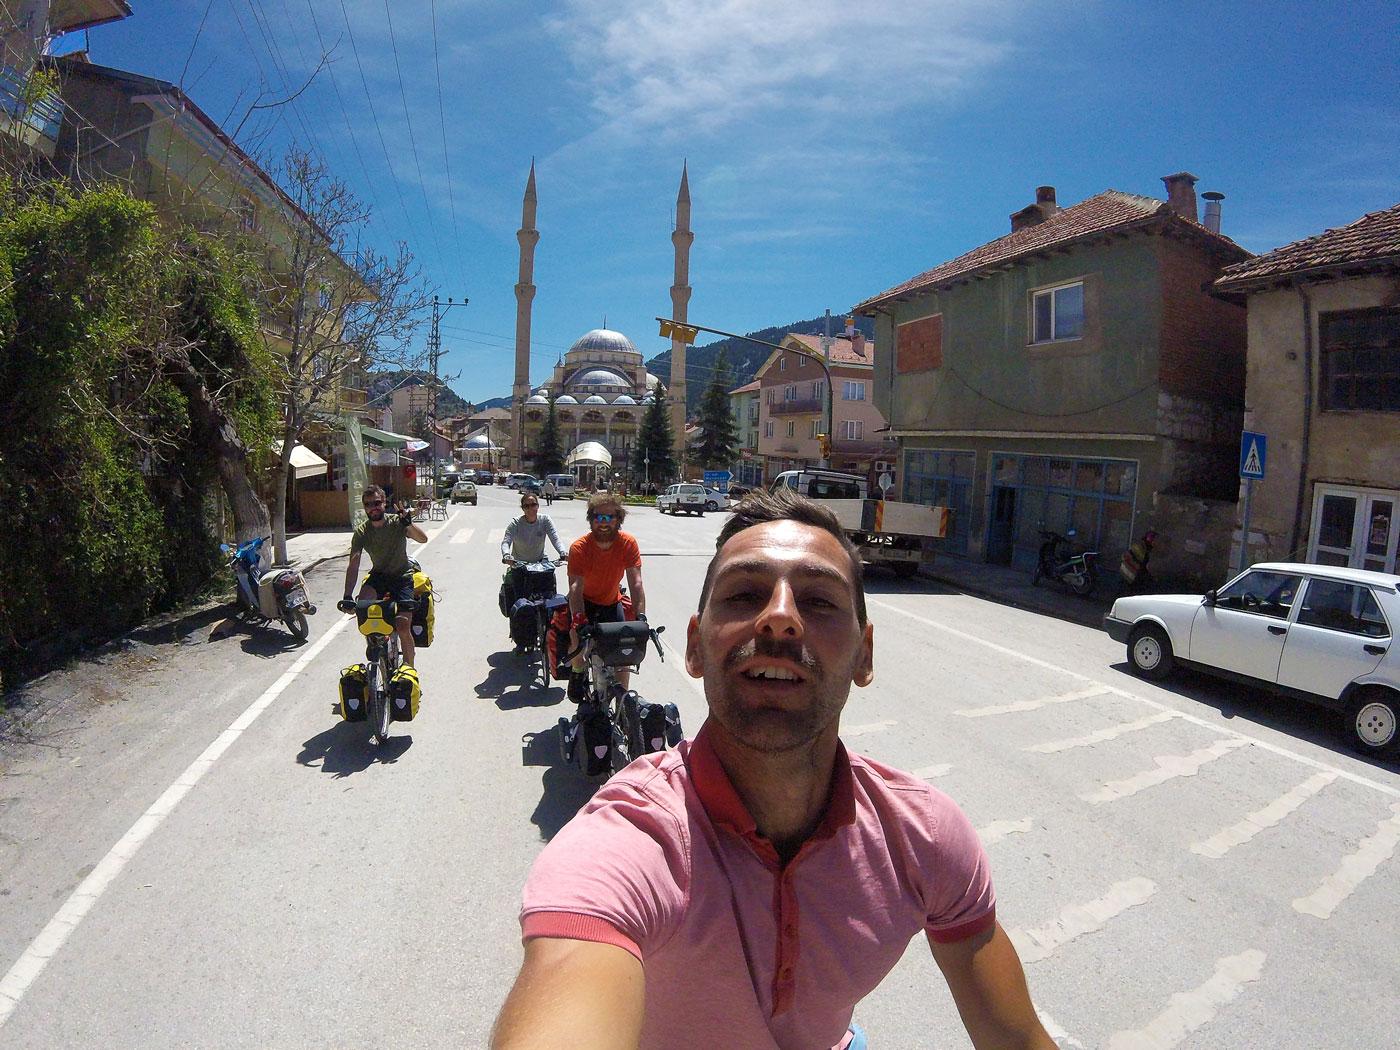 La Turquie à vélo, sur la route à Derebuçak. Cycling Turquey, on the road in Derebuçak.